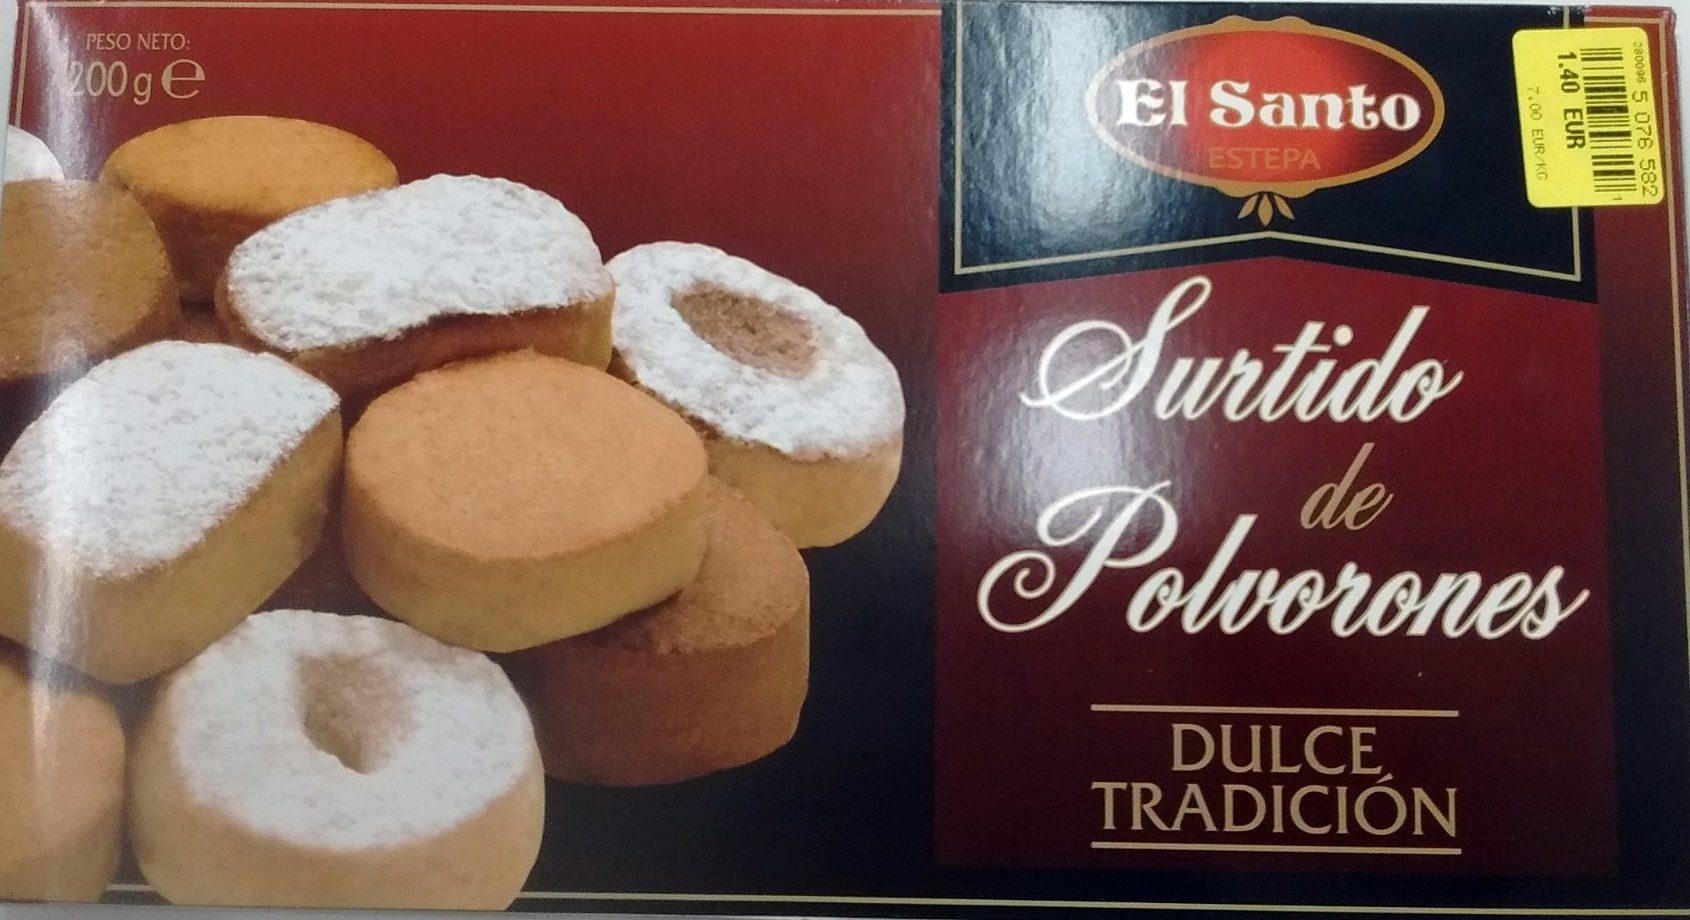 Surtido de Polvorones Dulce Tradicion - Product - fr